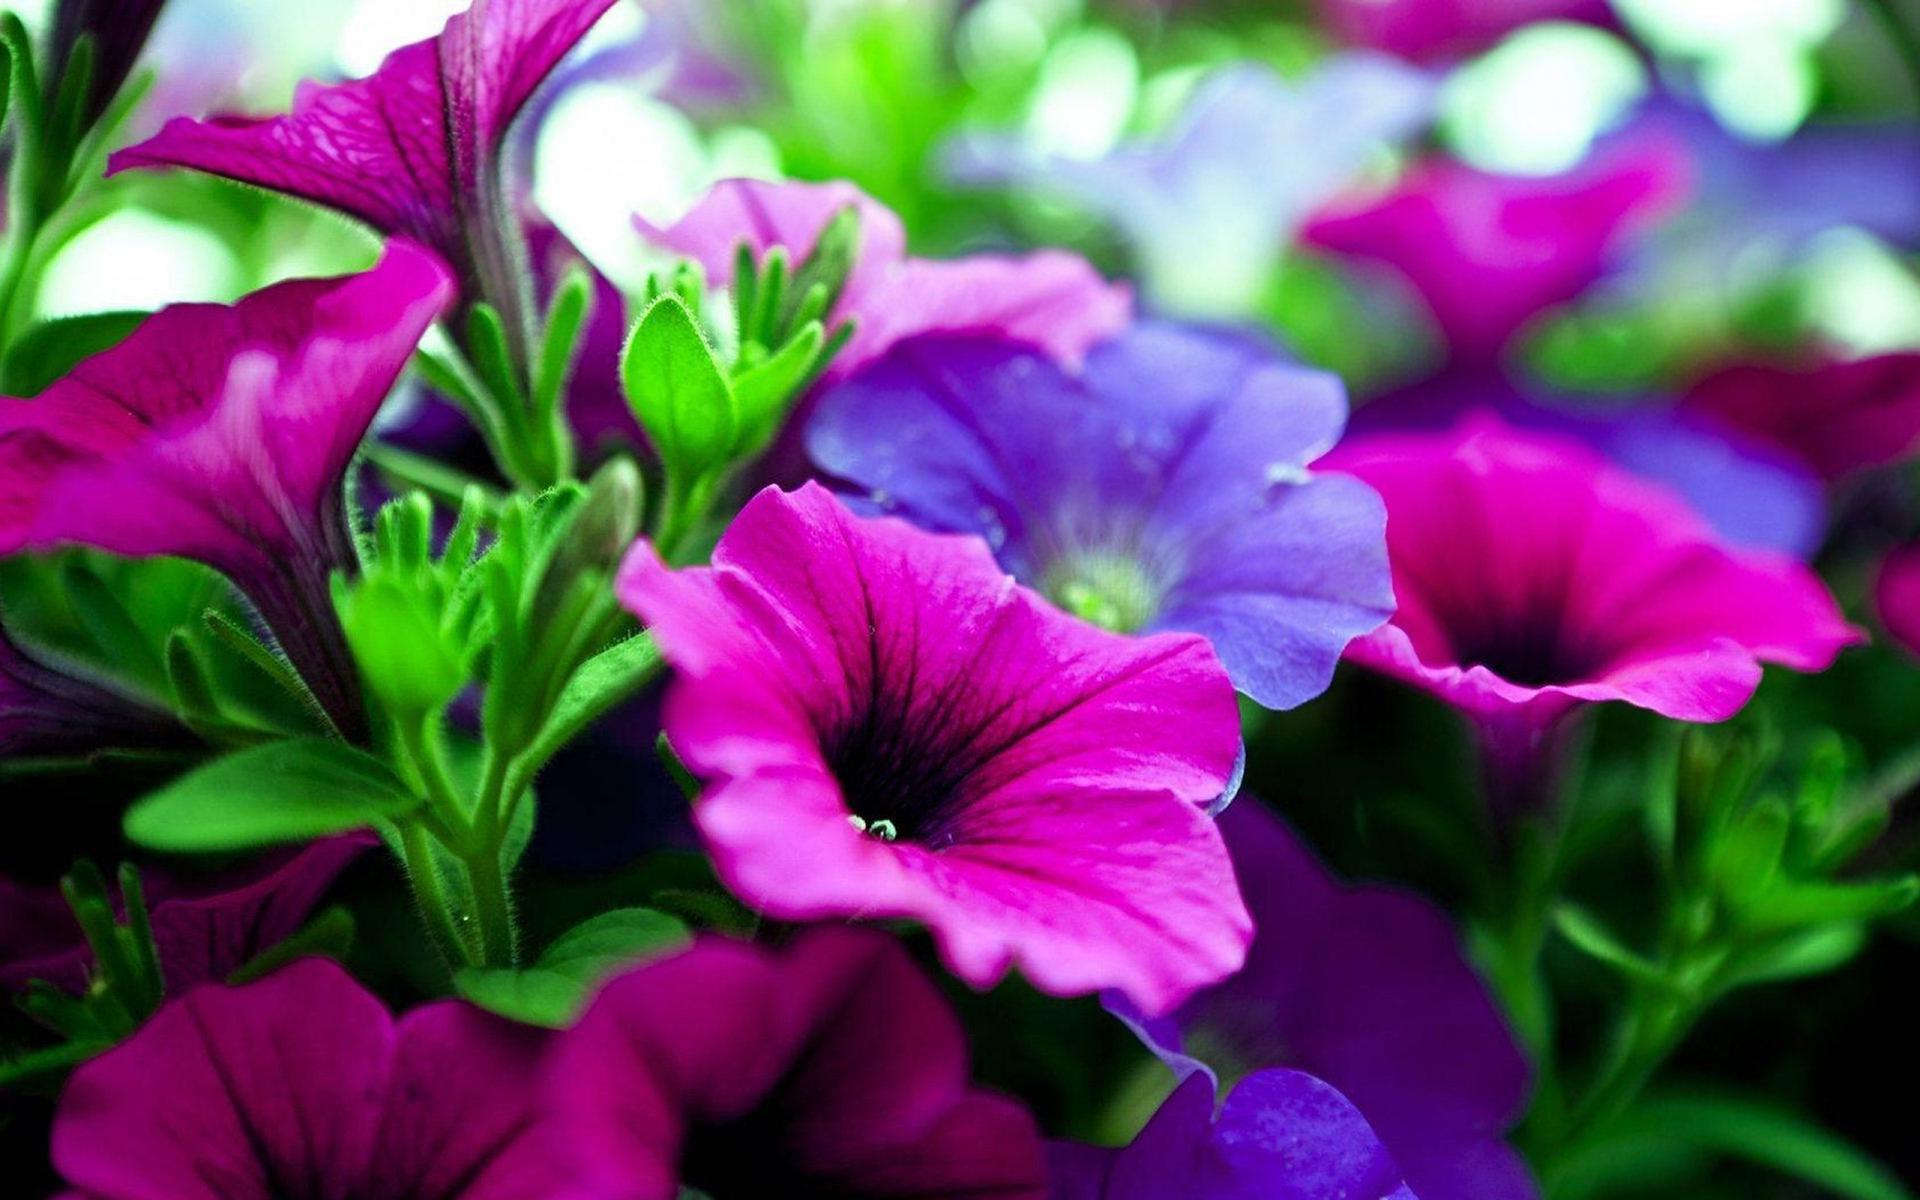 pink purple flowers hd - HD Desktop Wallpapers   4k HD